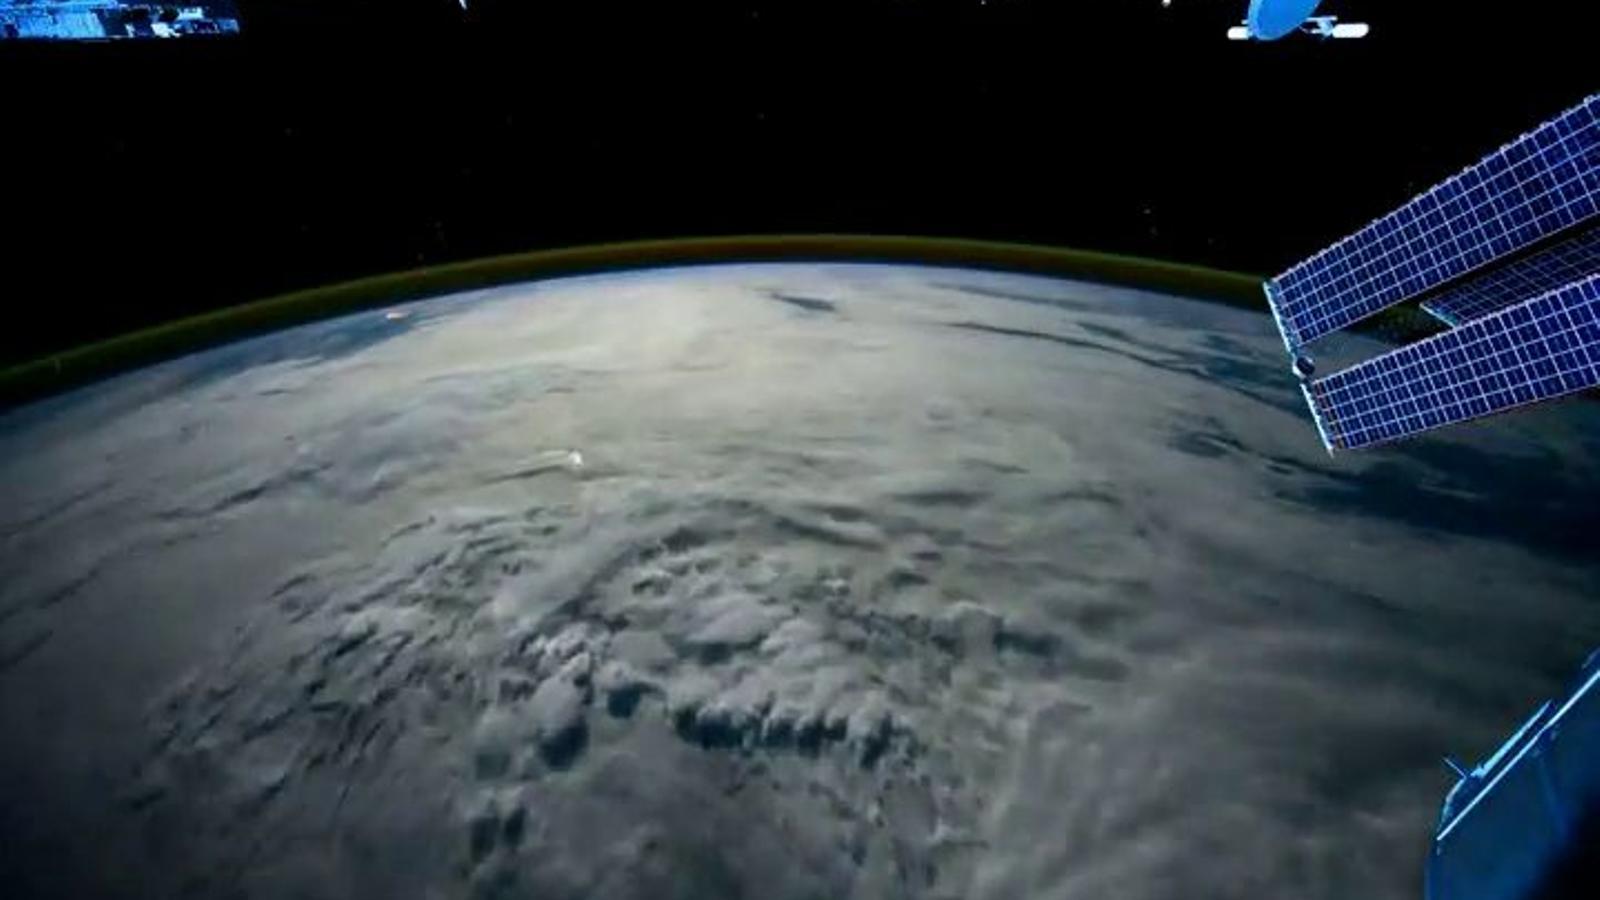 Què veuen els astronautes quan volen per damunt del planeta Terra?